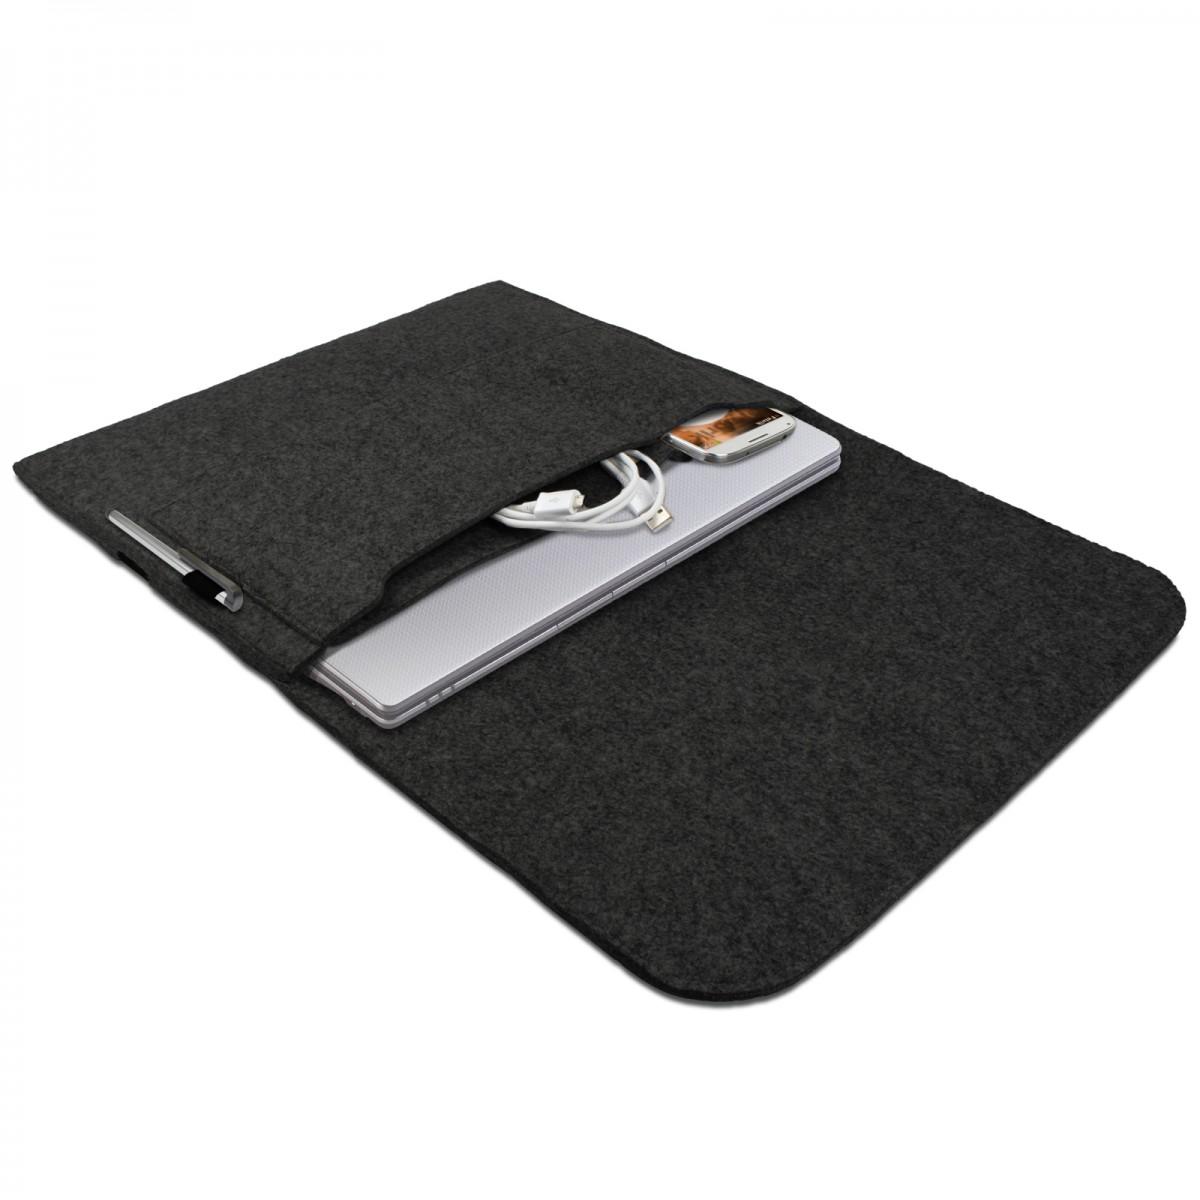 efabrik universal sleeve cover f r notebook 13 3 zoll schutztasche tasche laptop schutzh lle. Black Bedroom Furniture Sets. Home Design Ideas